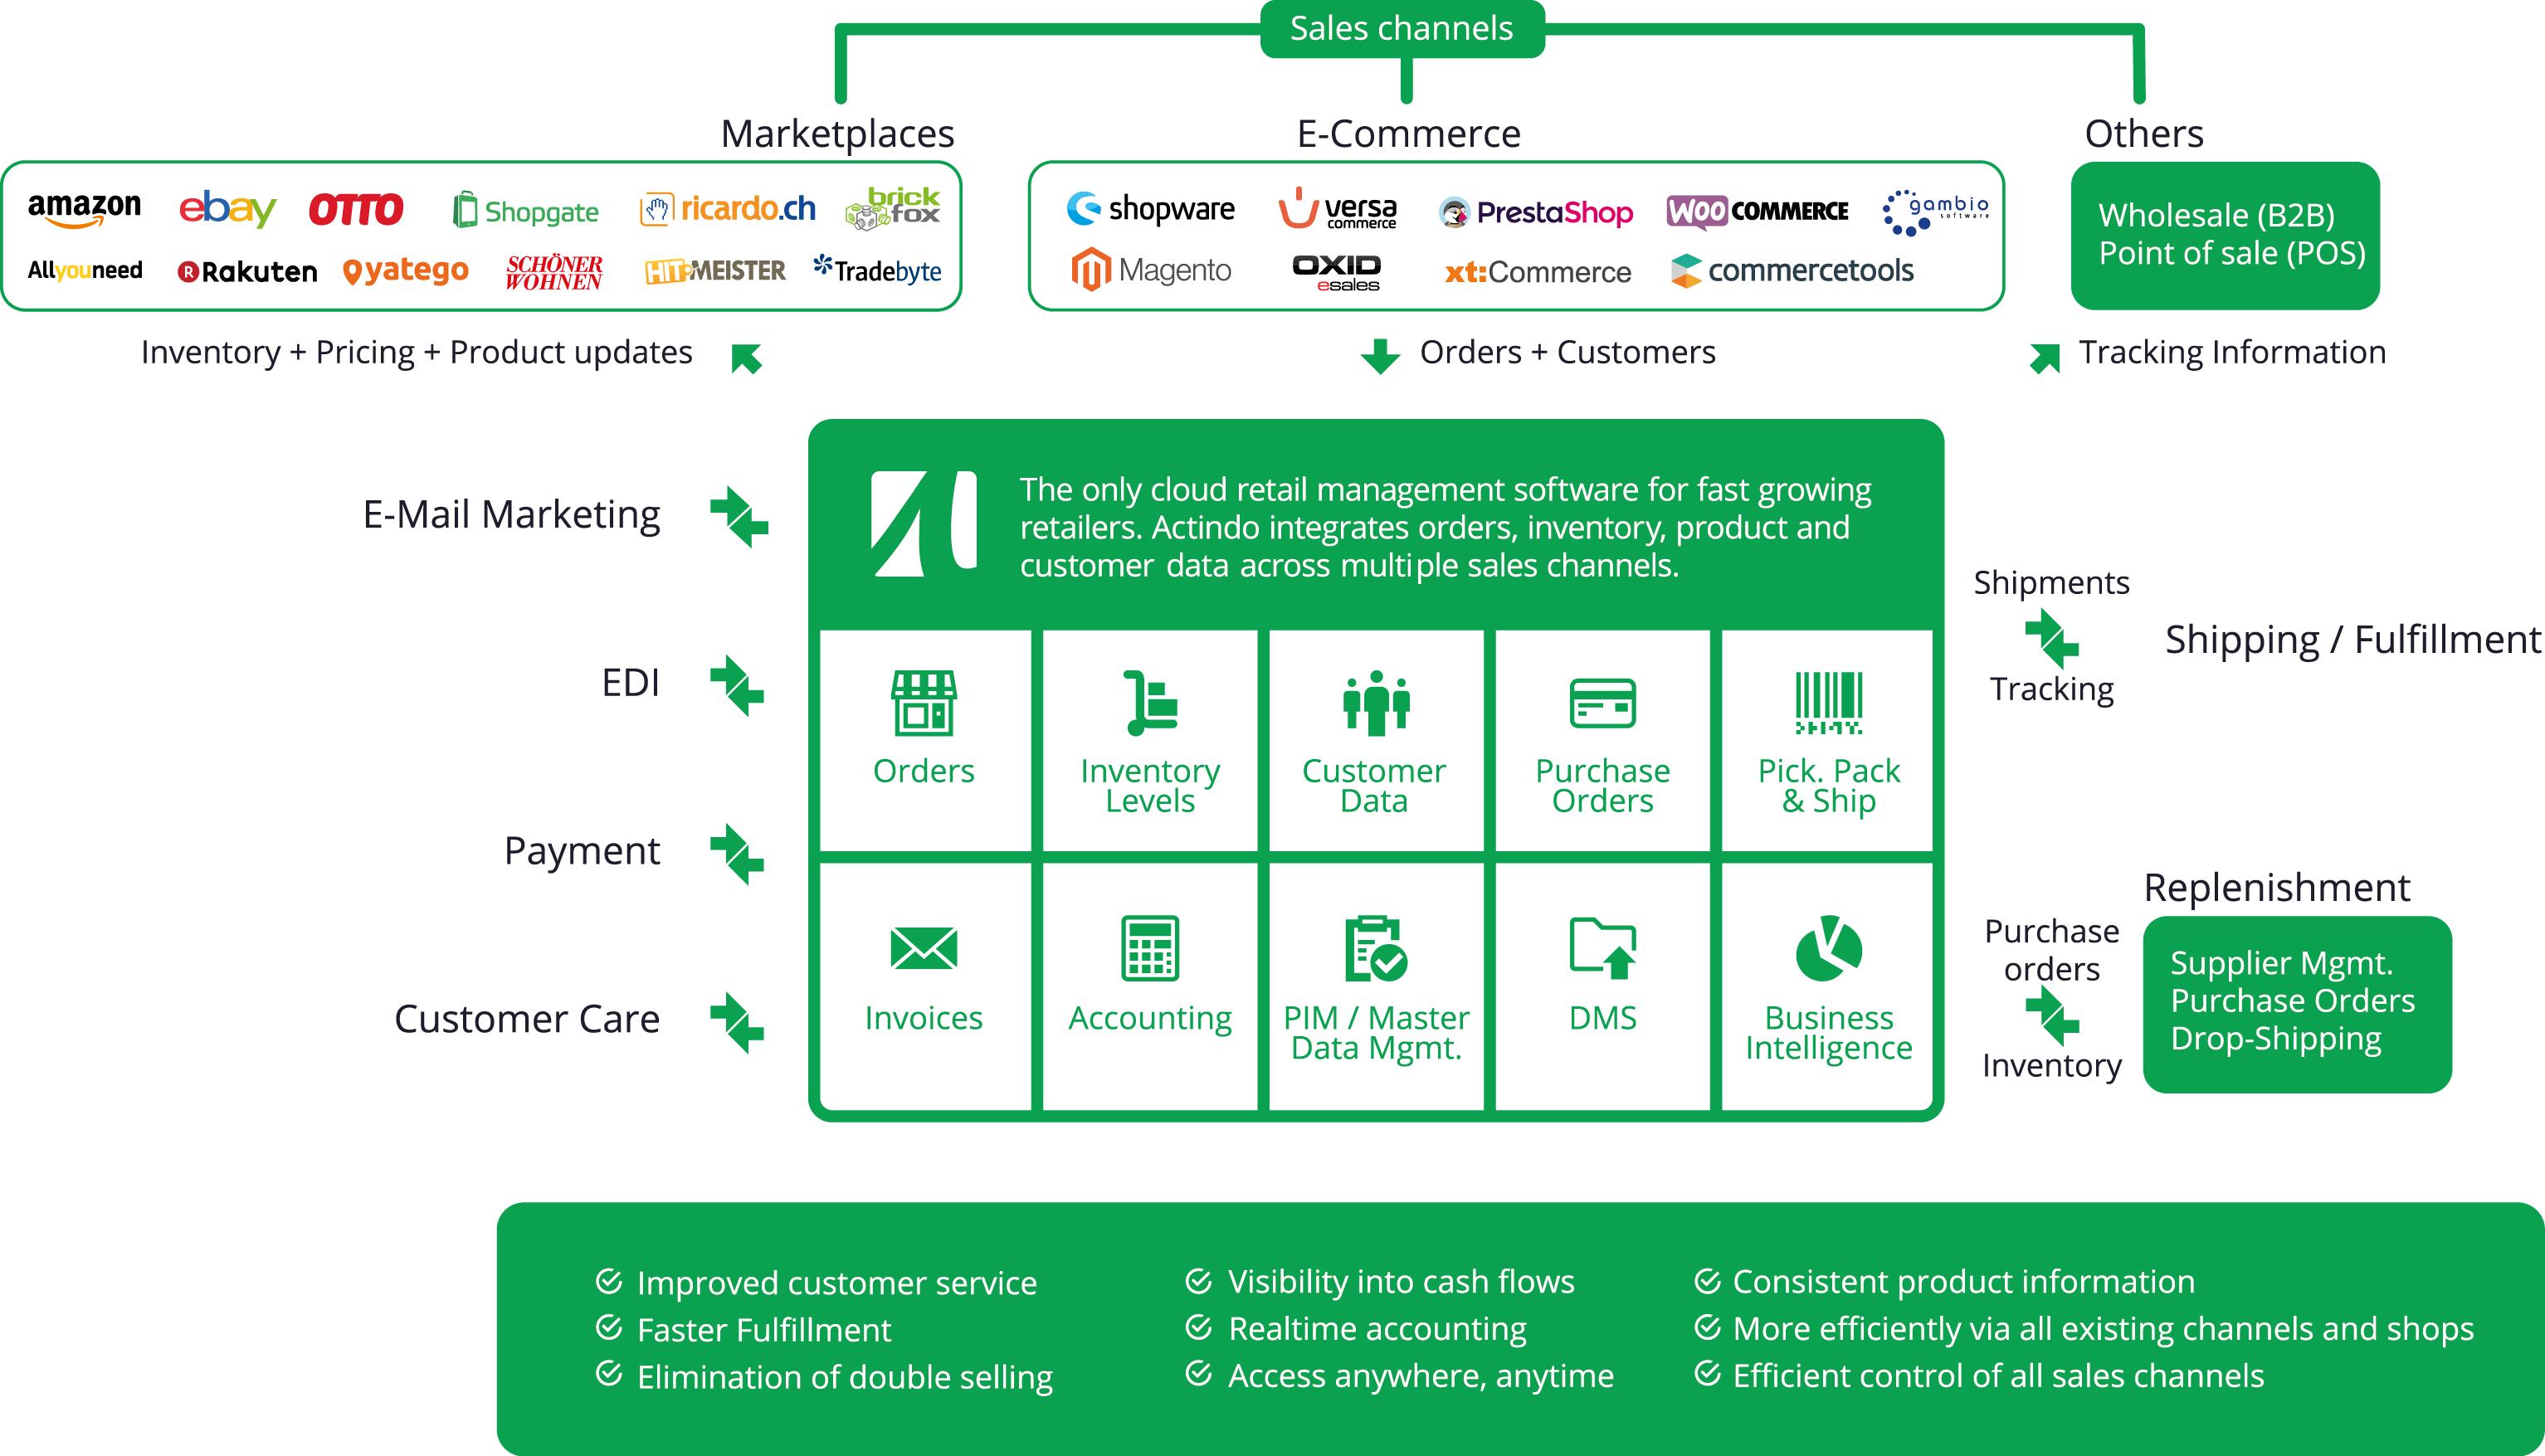 Ein ERP-System als zentrale Schnittstelle